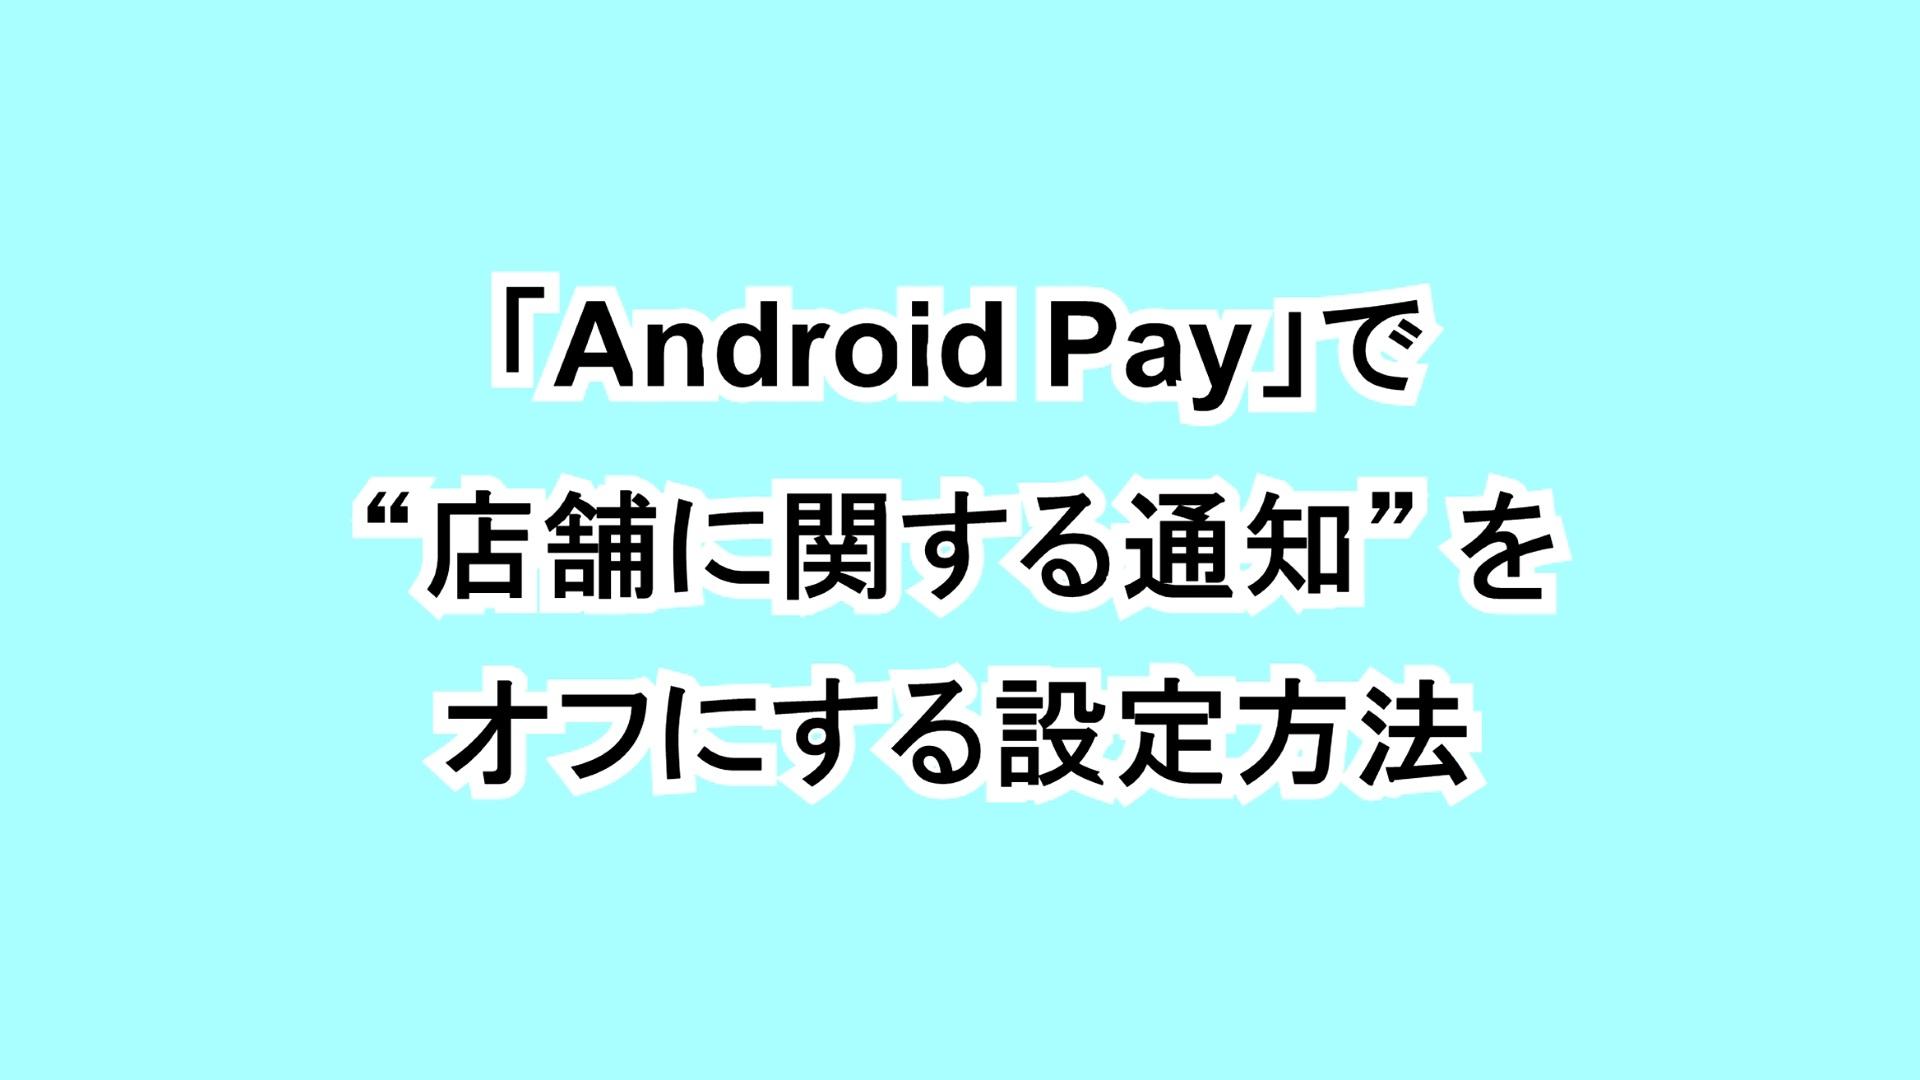 """「Android Pay」で""""店舗に関する通知""""をオフにする設定方法"""